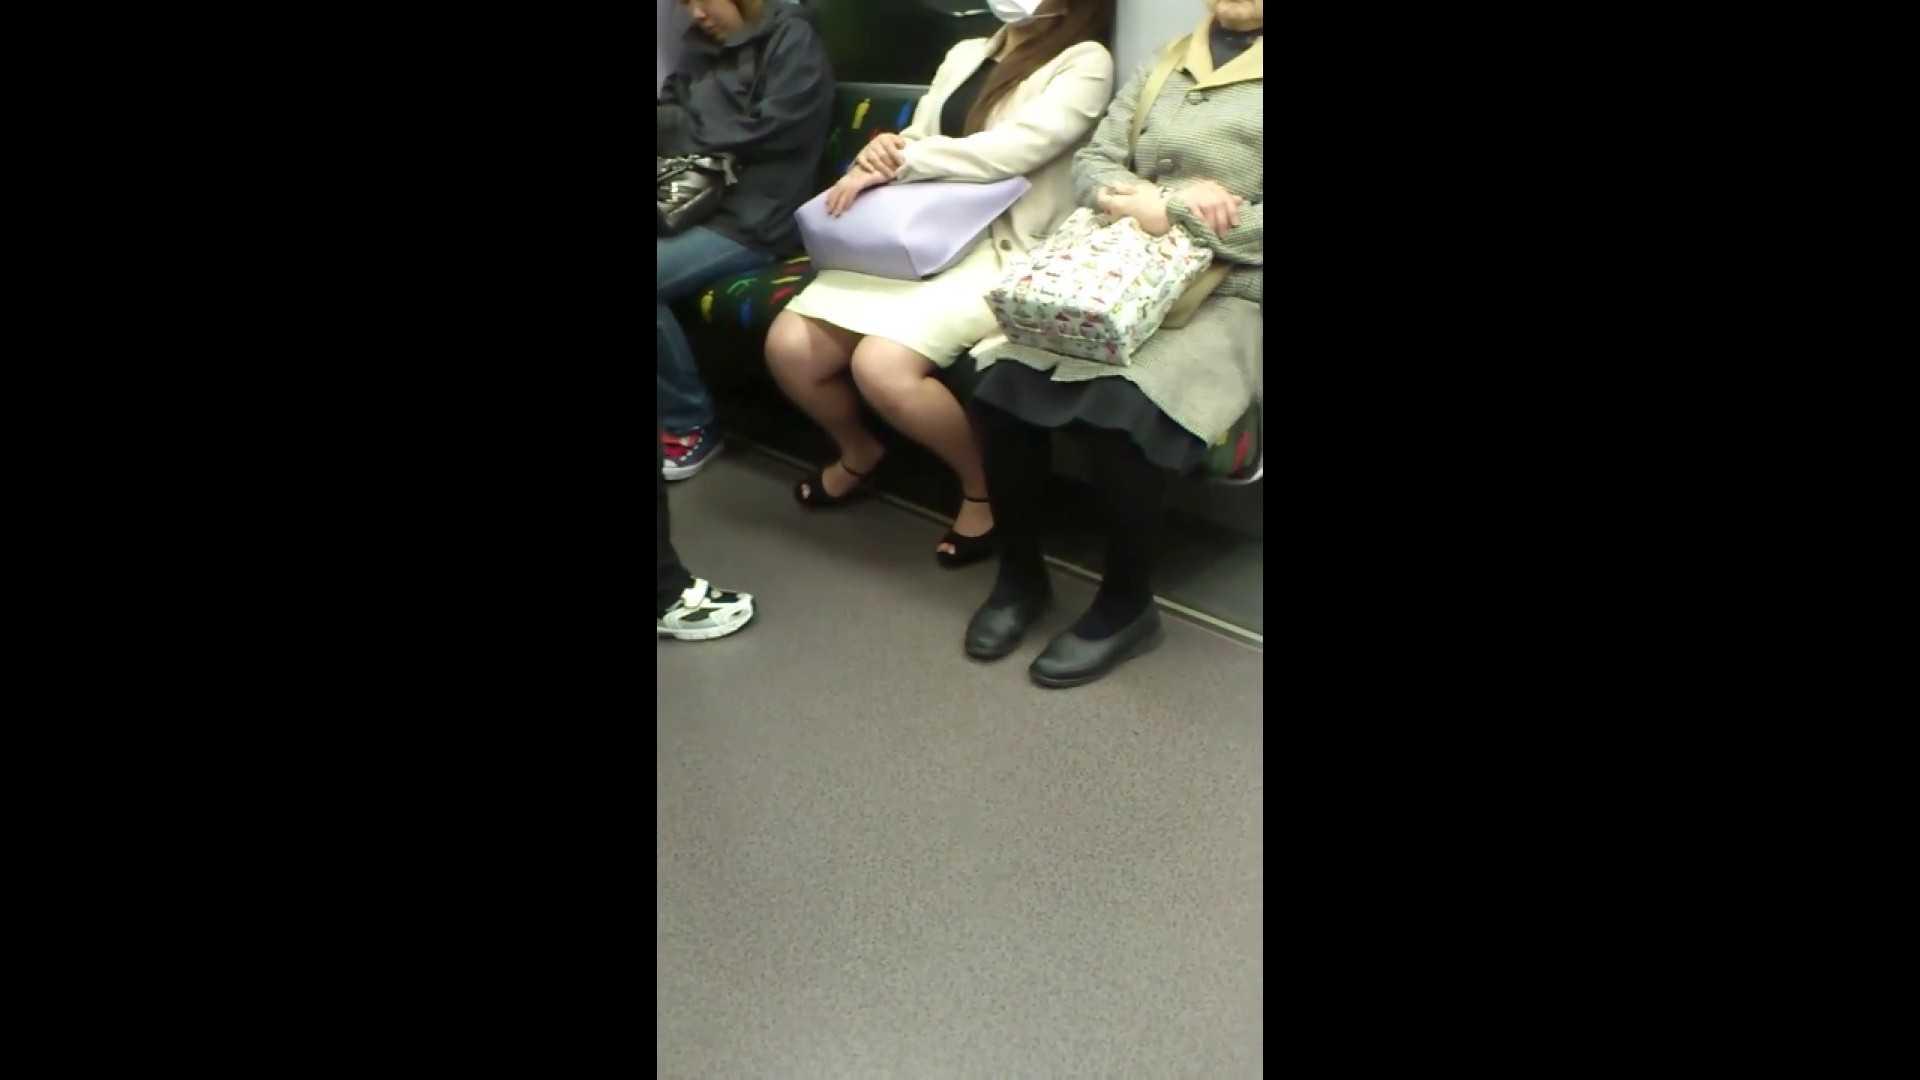 盗撮列車 Vol.55 黄色の爽やかなスカートが大好きです。 盗撮編 AV無料動画キャプチャ 89枚 16